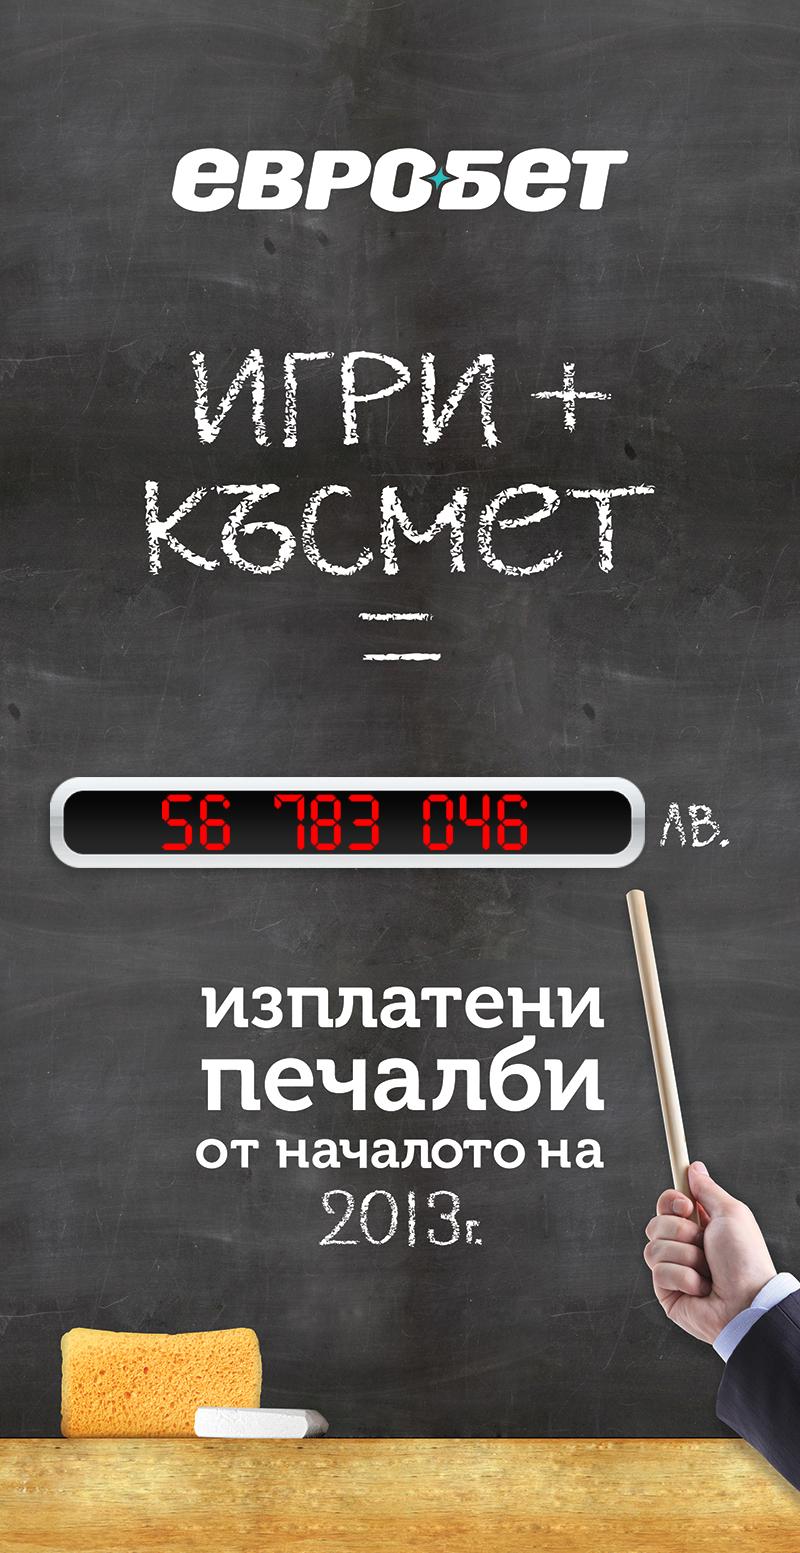 evrobet-image-advertising